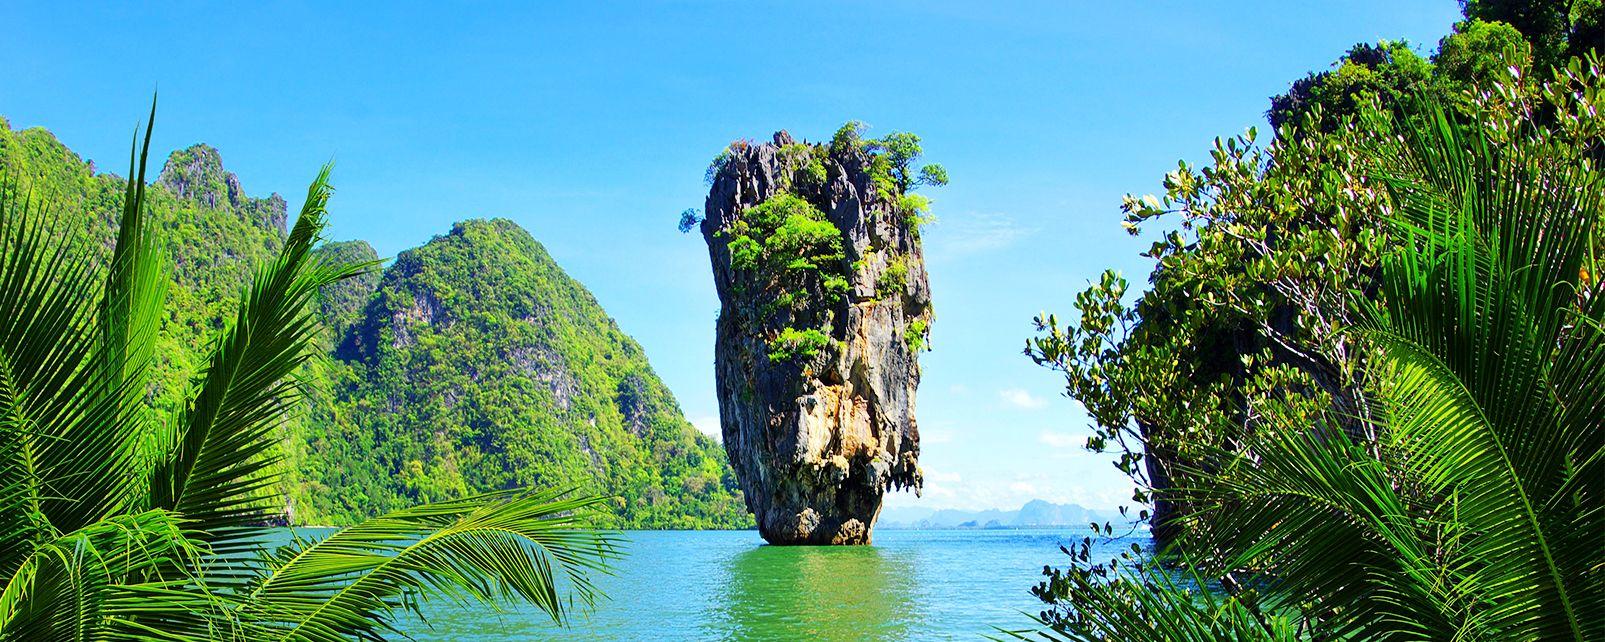 La bahía de Phang Nga, Los paisajes, Khao Lak y sus alrededores, Tailandia